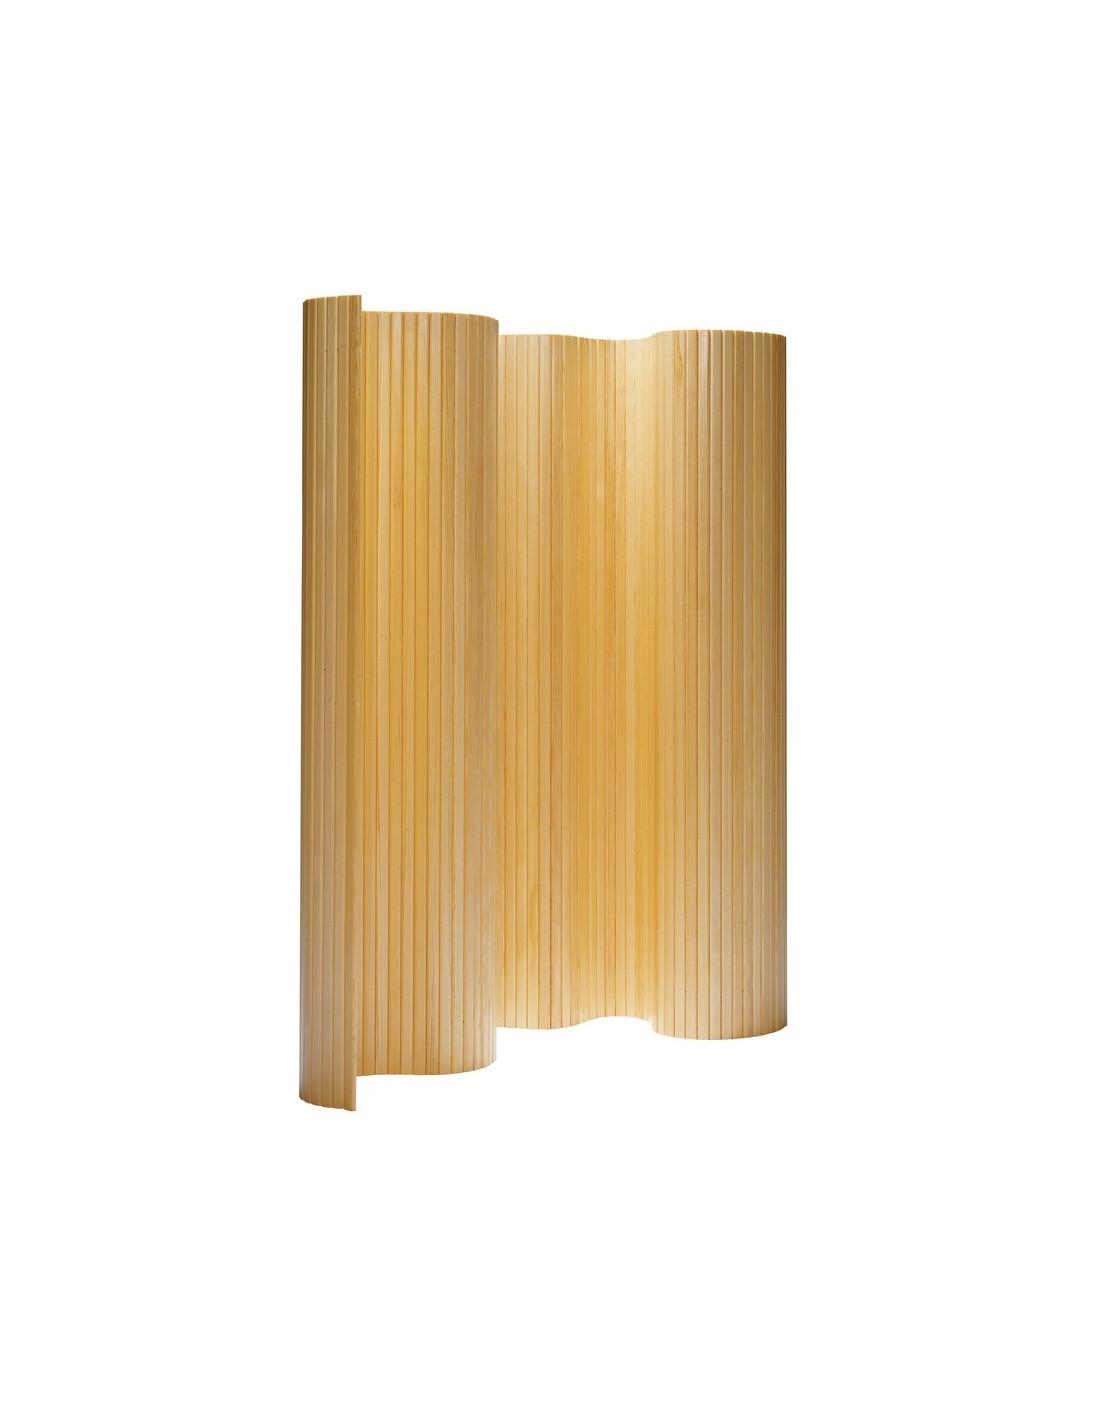 paravent 100 design alvar aalto pour artek la boutique danoise. Black Bedroom Furniture Sets. Home Design Ideas